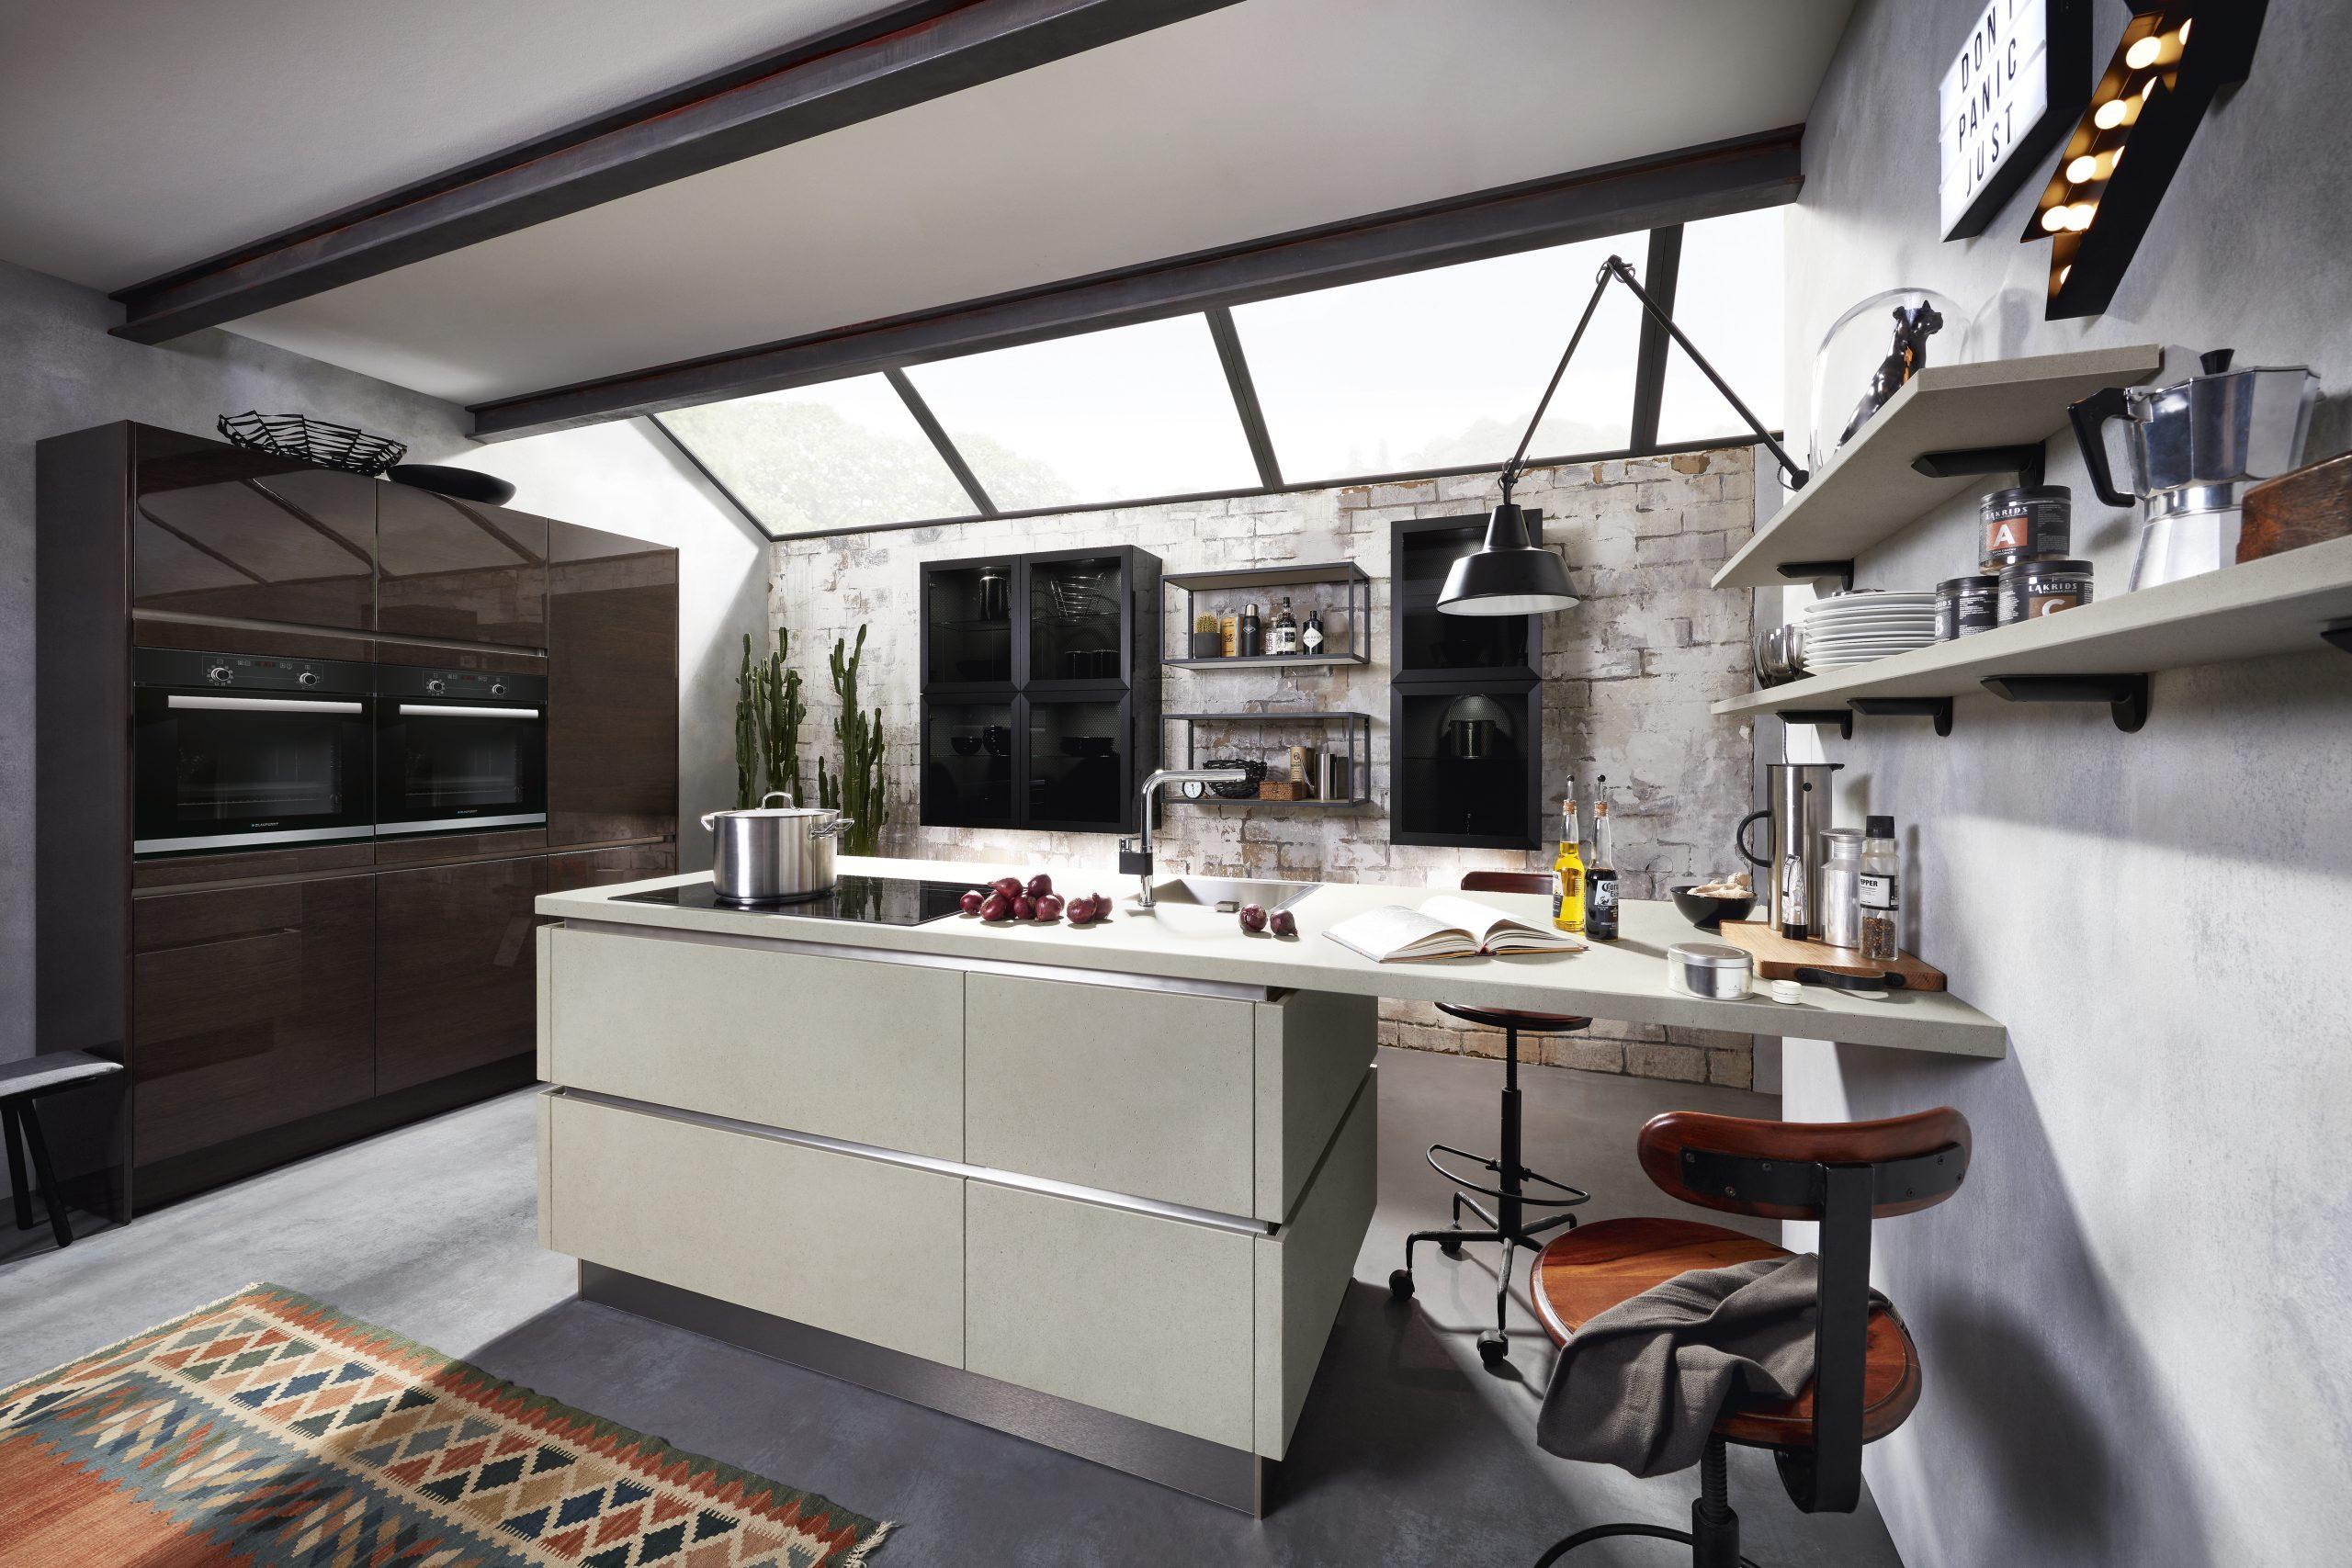 Full Size of Edelstahl Industrie Küche Industrie Küche Gebraucht Industrie Küche Reinigen Beleuchtung Industrie Küche Küche Industrie Küche